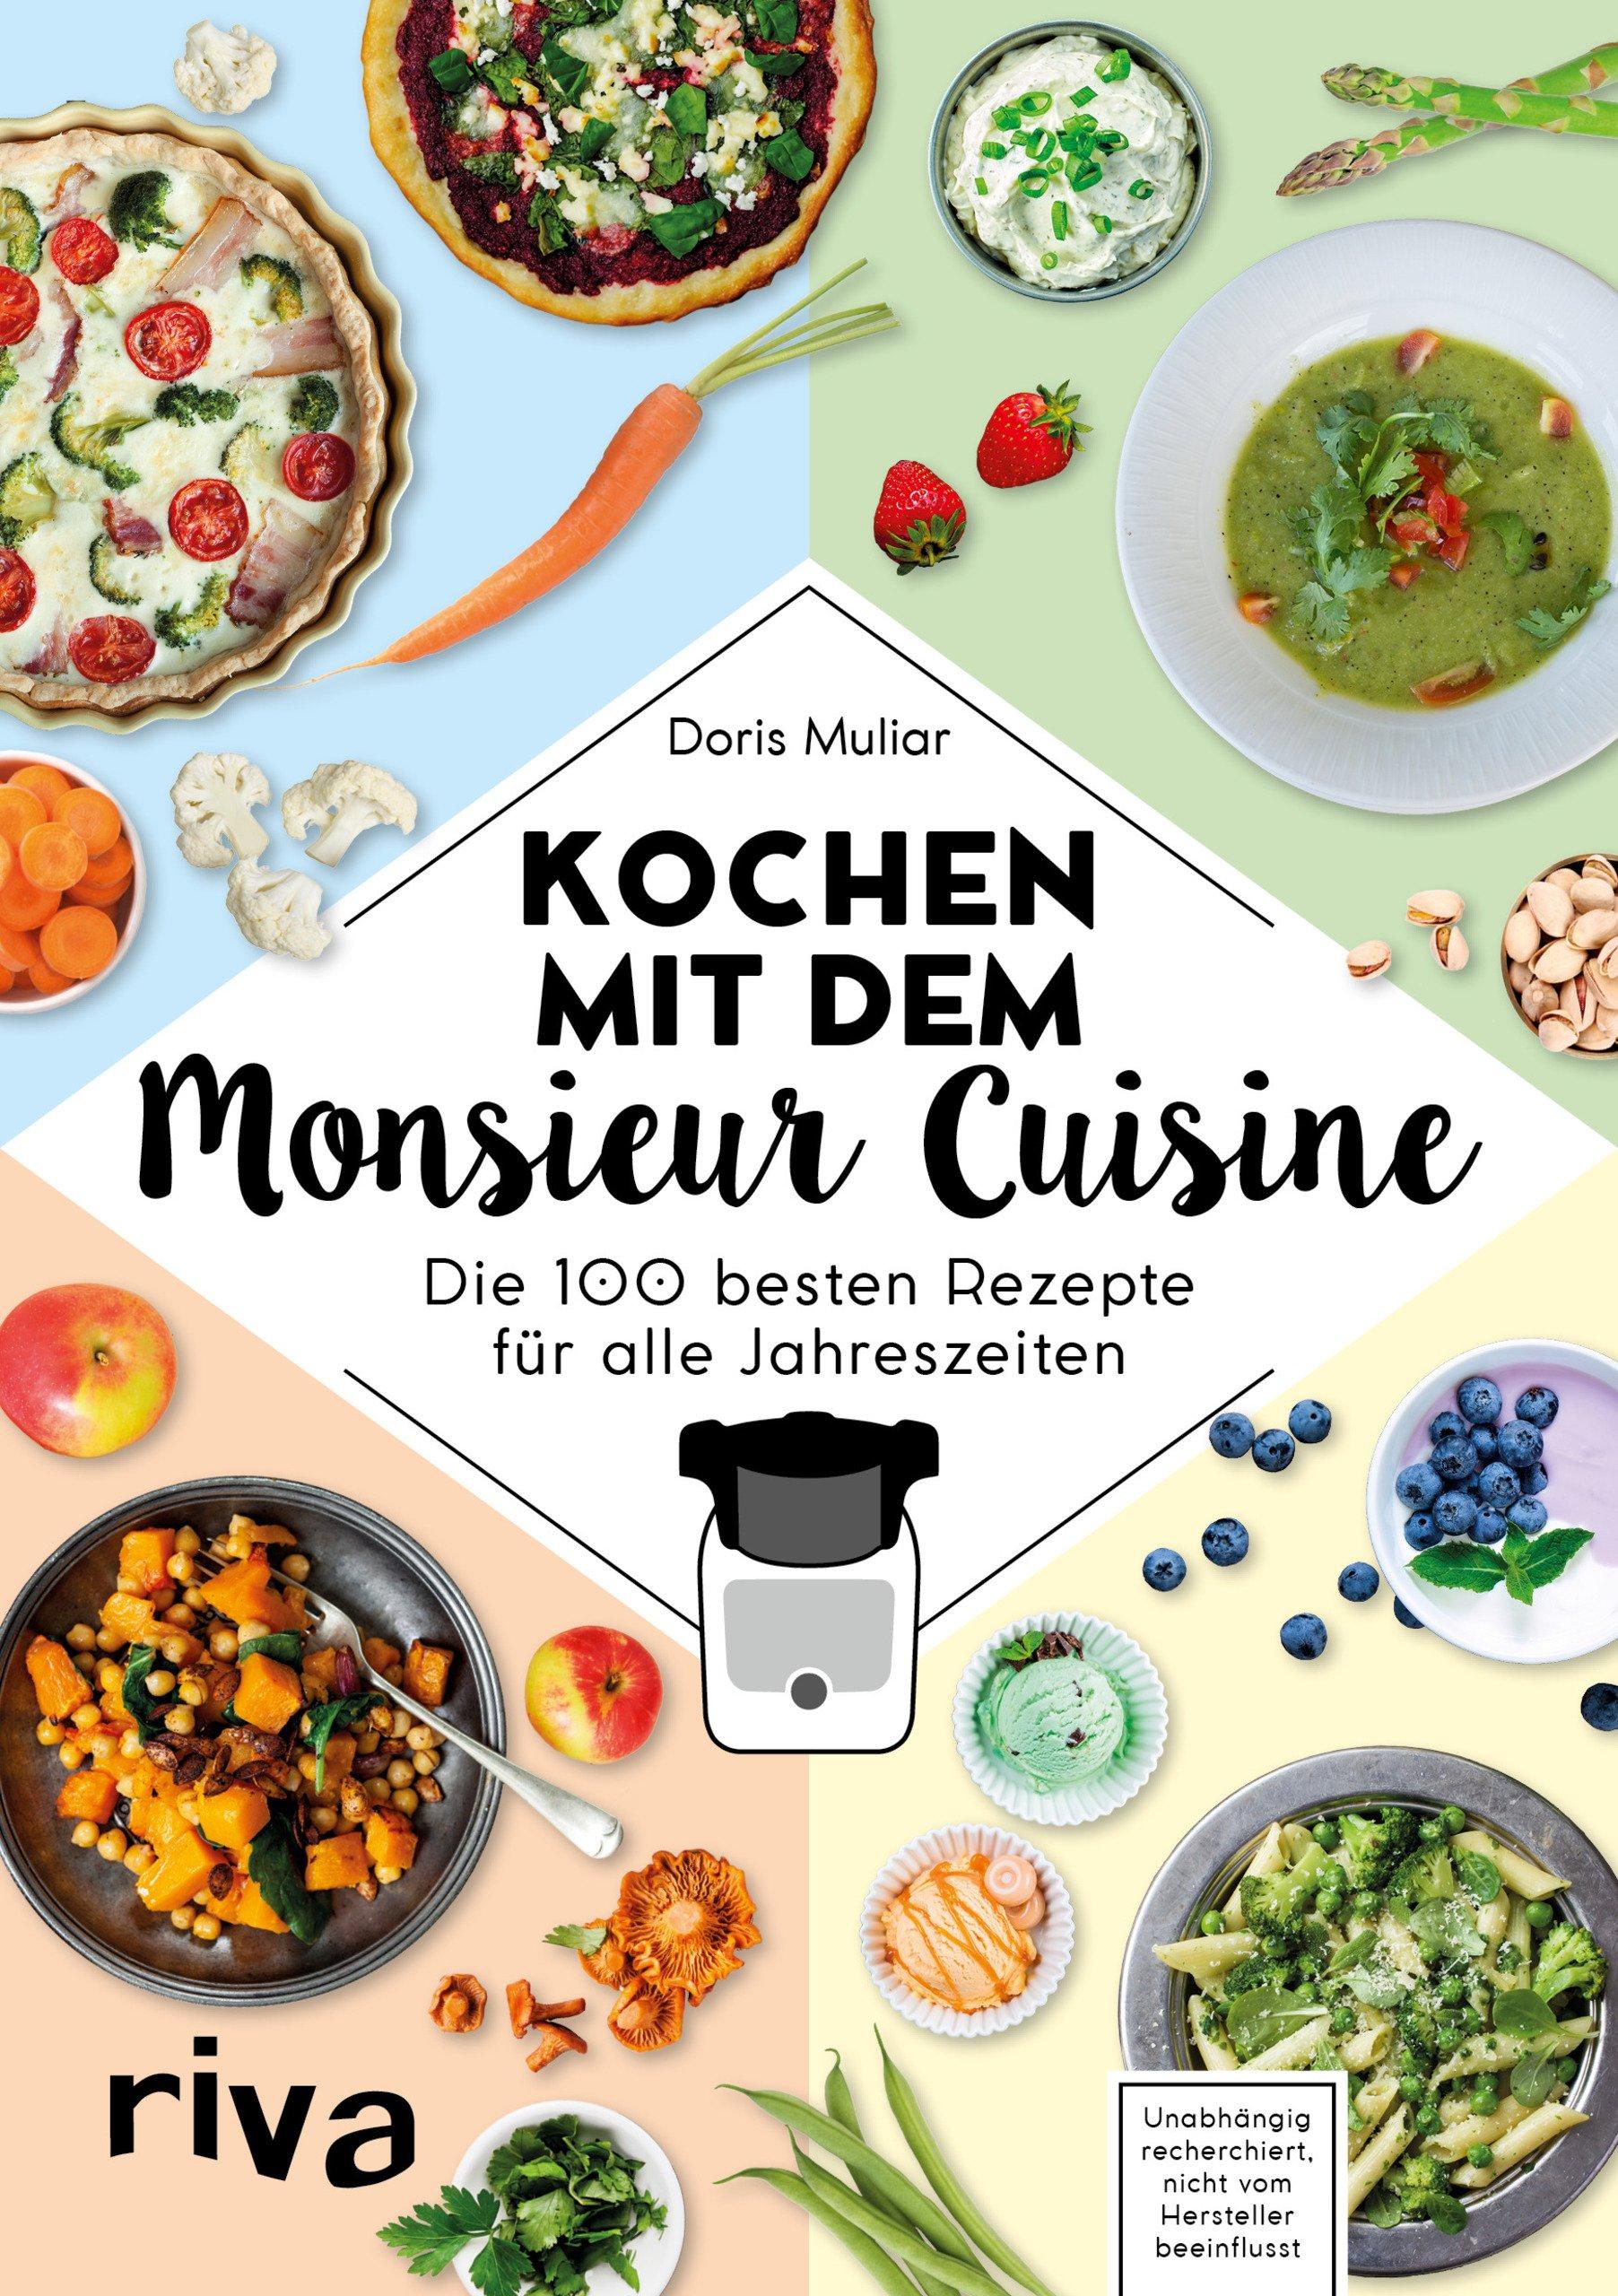 Kochen Mit Dem Monsieur Cuisine  Die 100 Besten Rezepte Für Alle Jahreszeiten